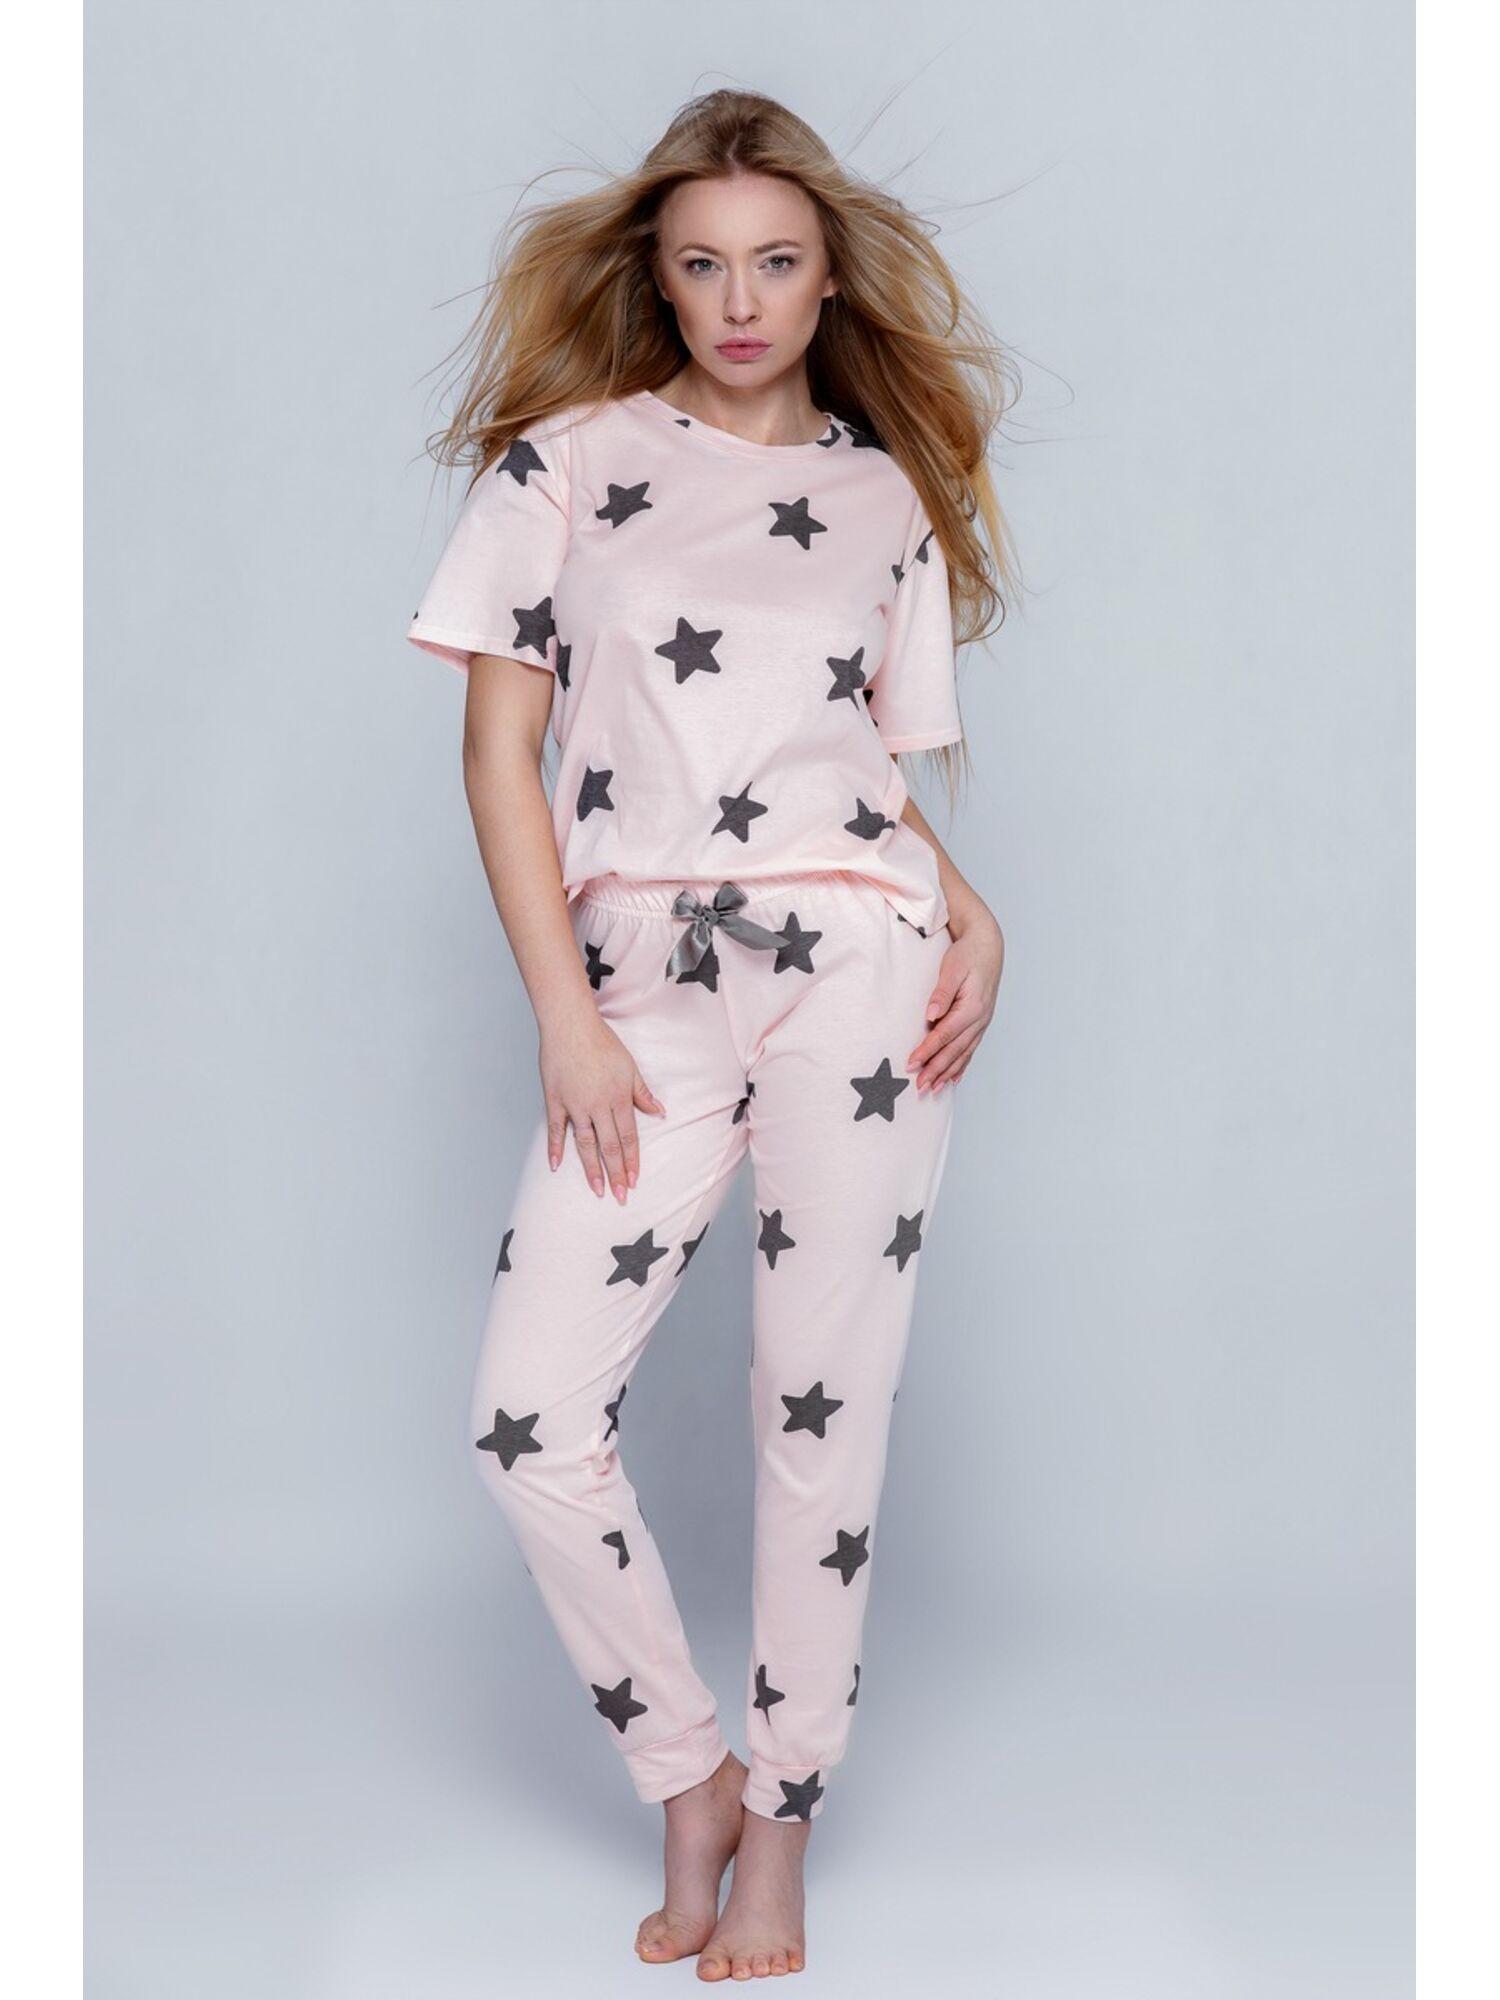 Пижама женская со штанами VERA, розовый, Sensis